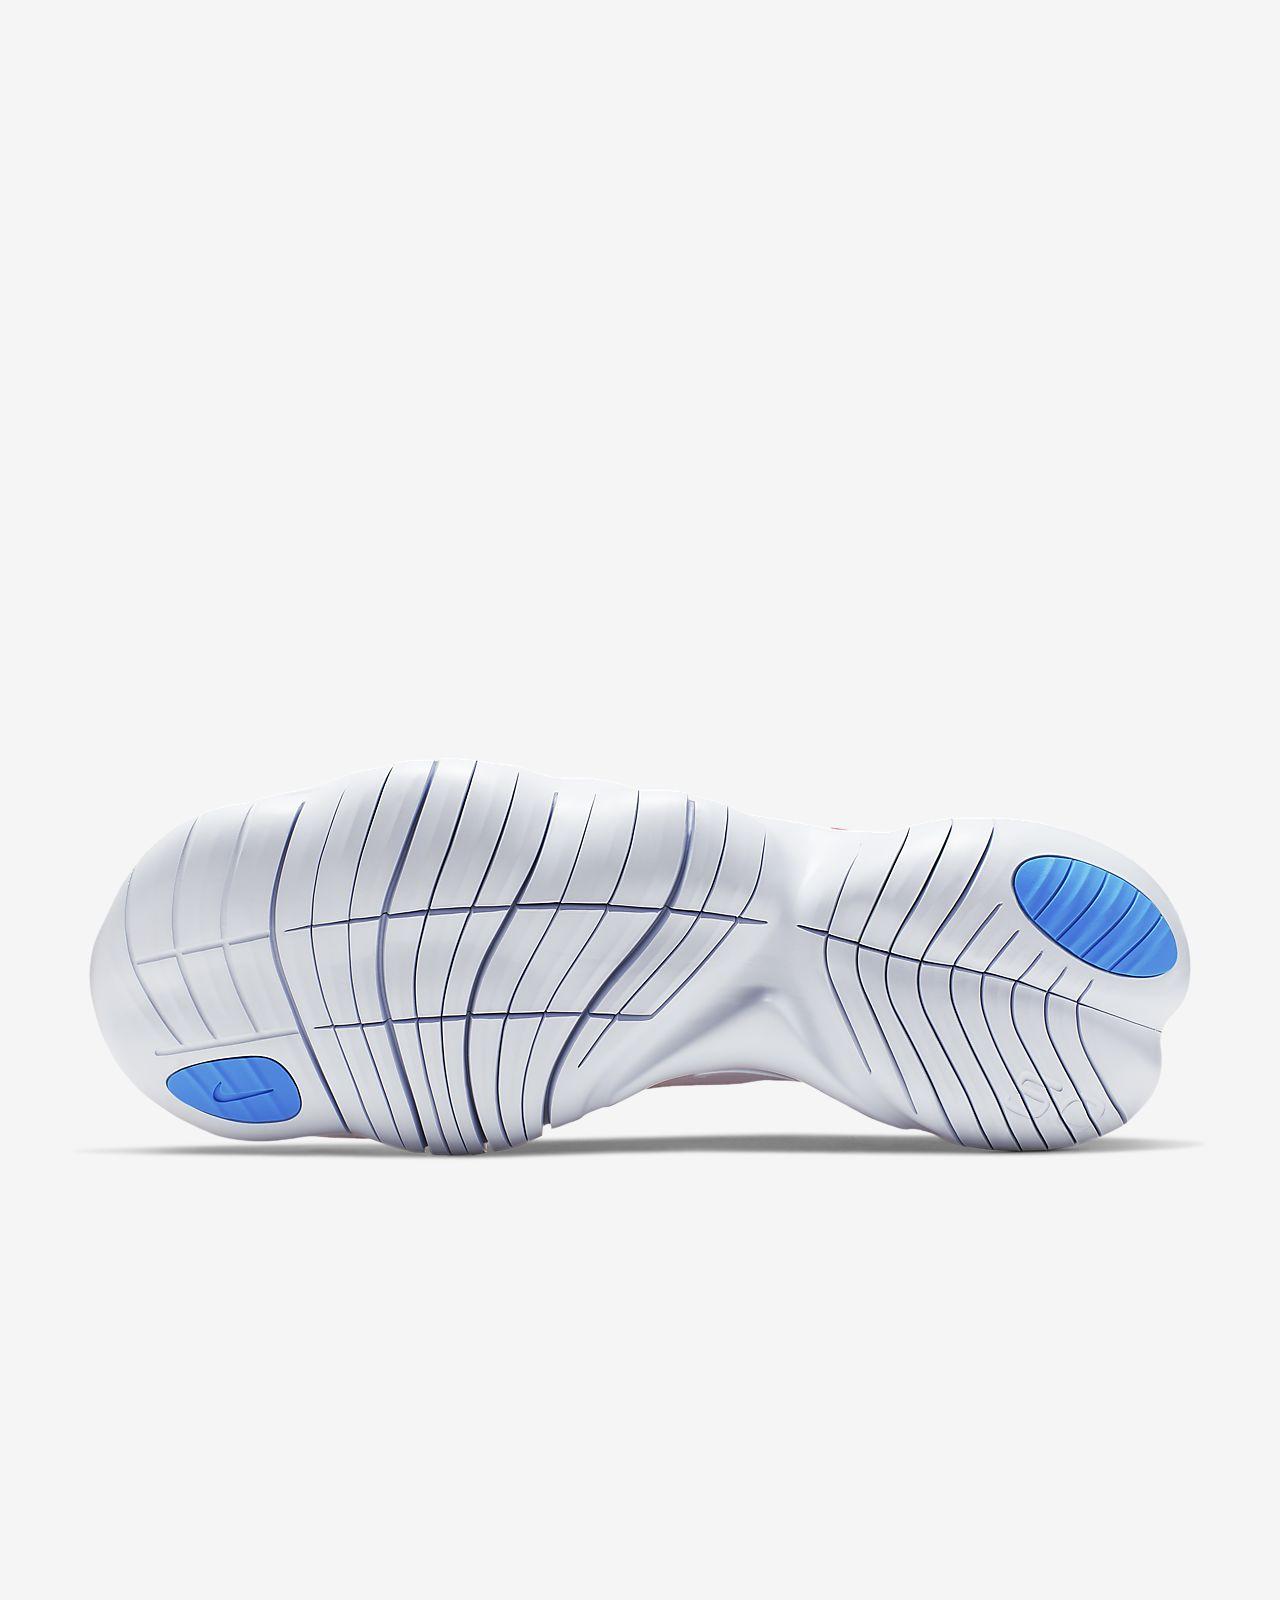 Nike Turquoise Running Shoes Free 4.0 V5 Nike Grey Black